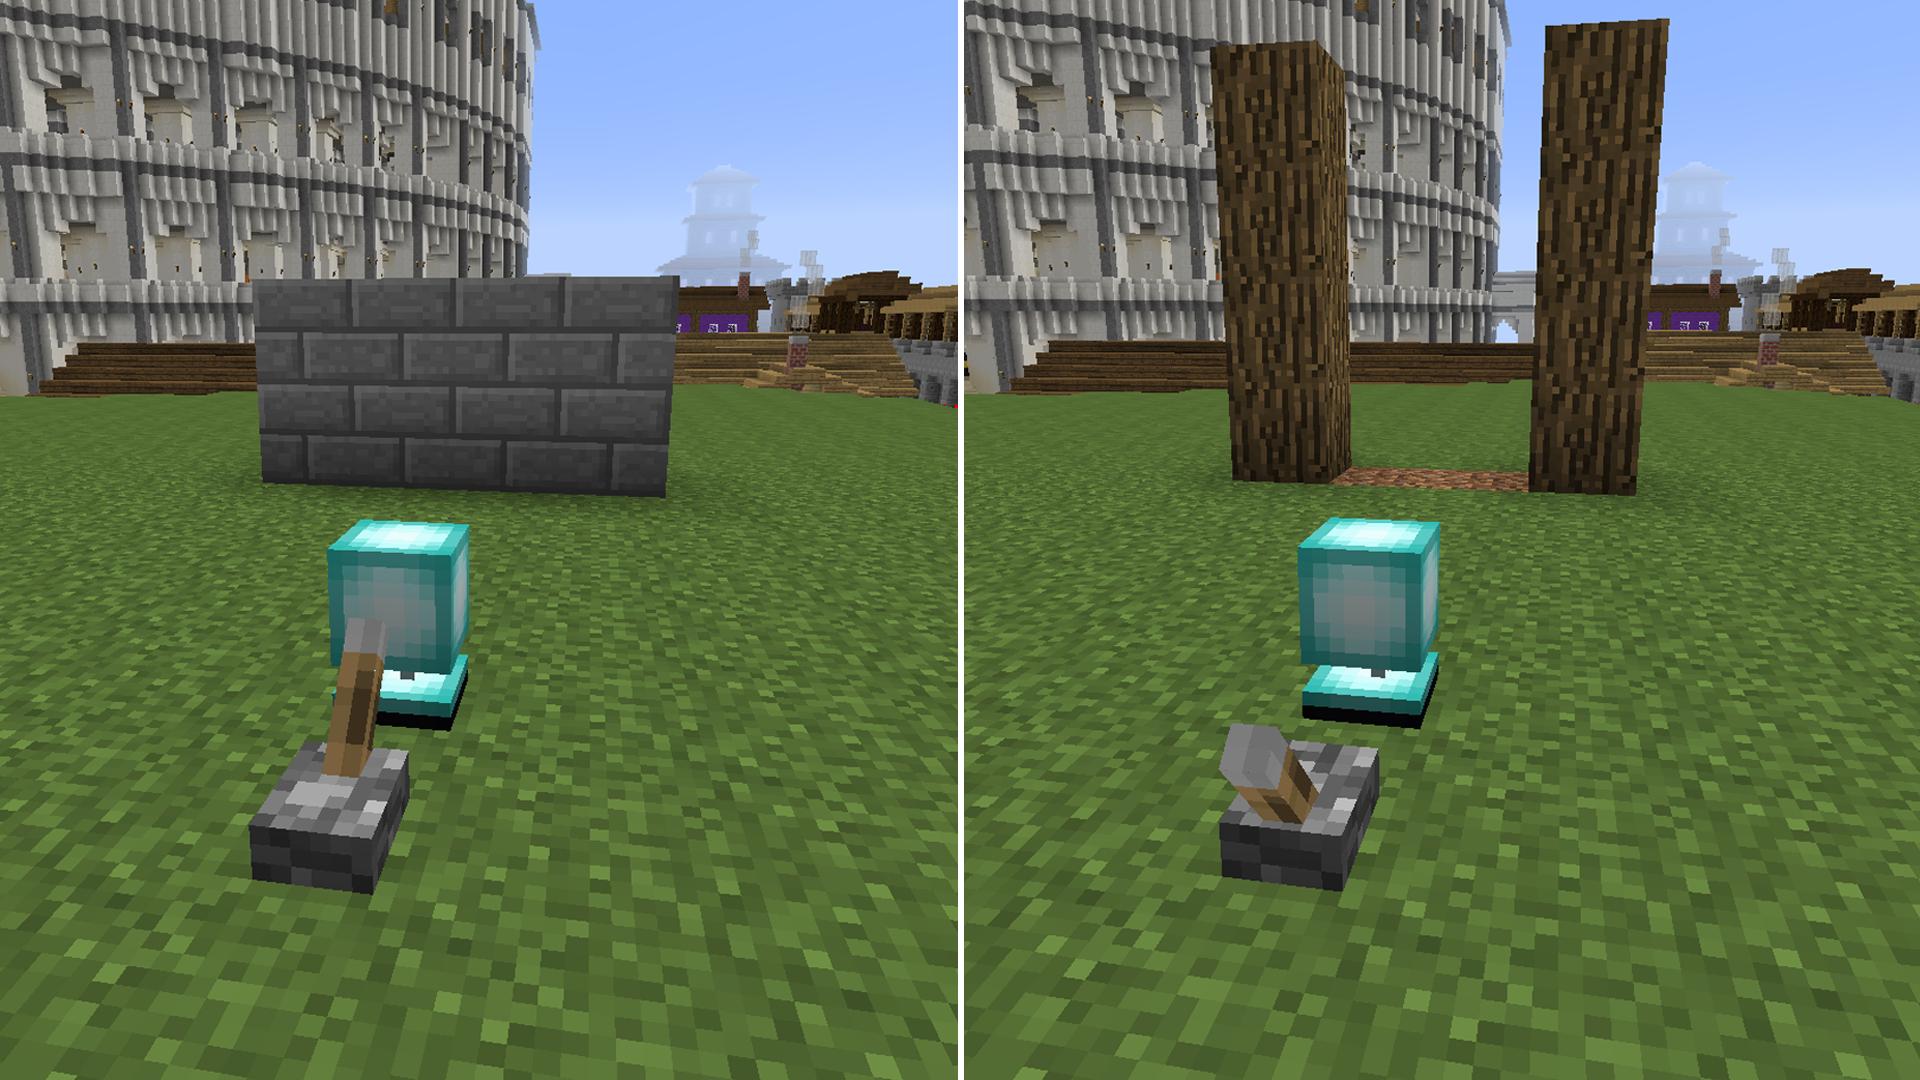 моды на майнкрафт 1.7.10 невидимий блоки